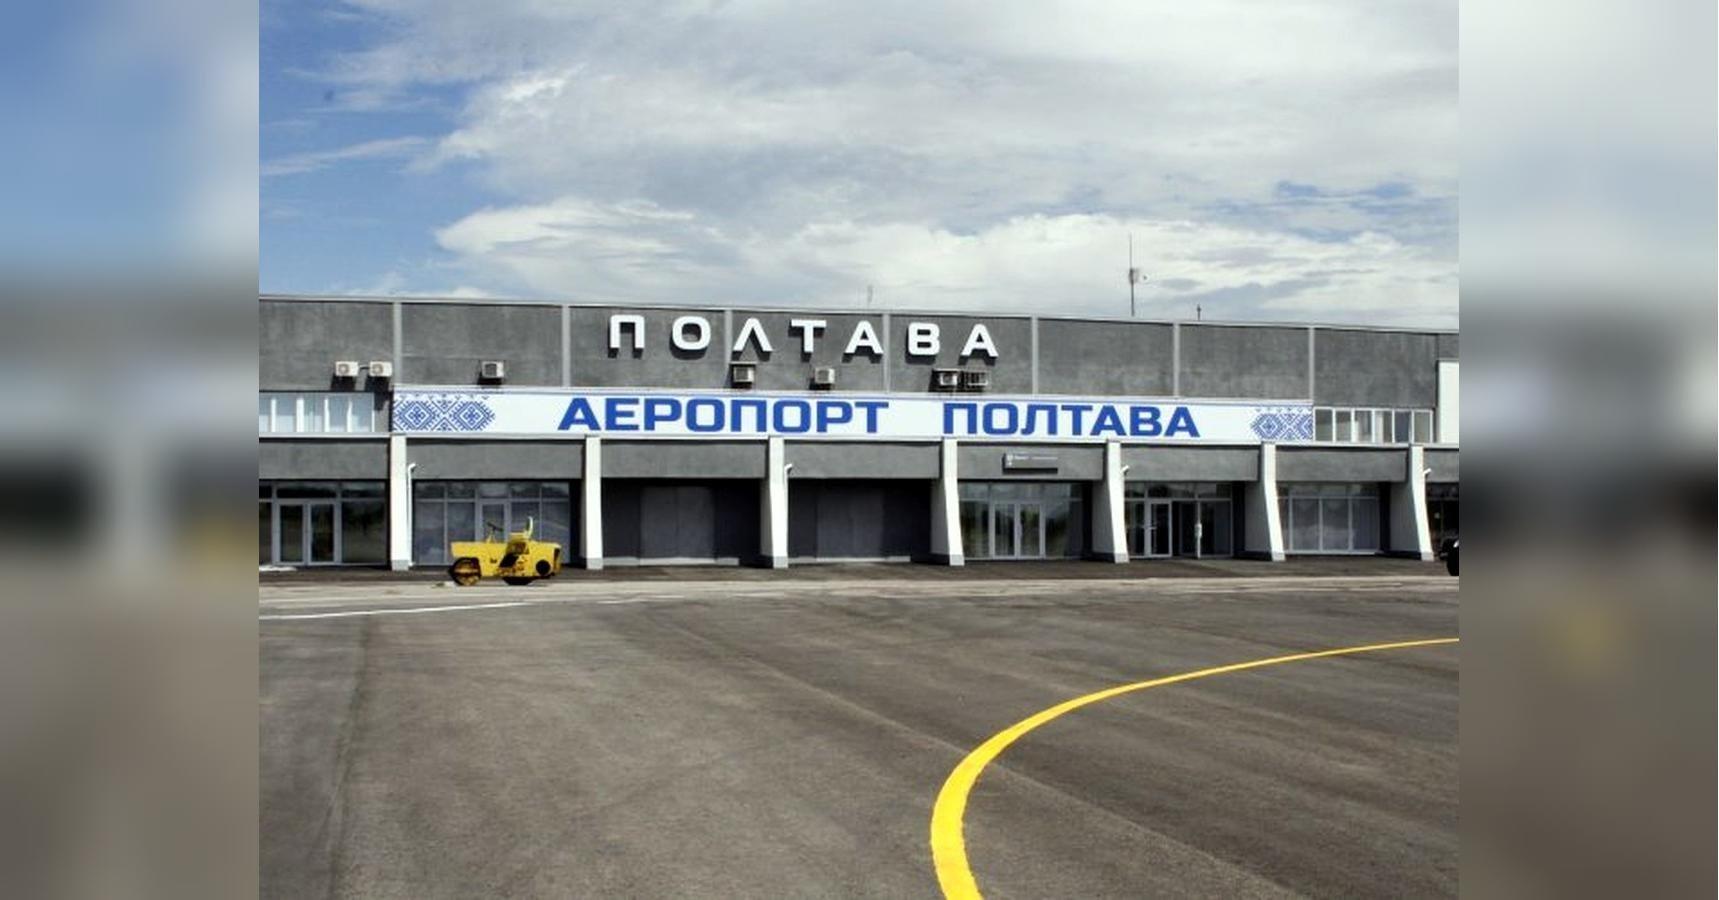 В Украине построят много новых аэропортов: Зеленский выступил с неожиданной инициативой